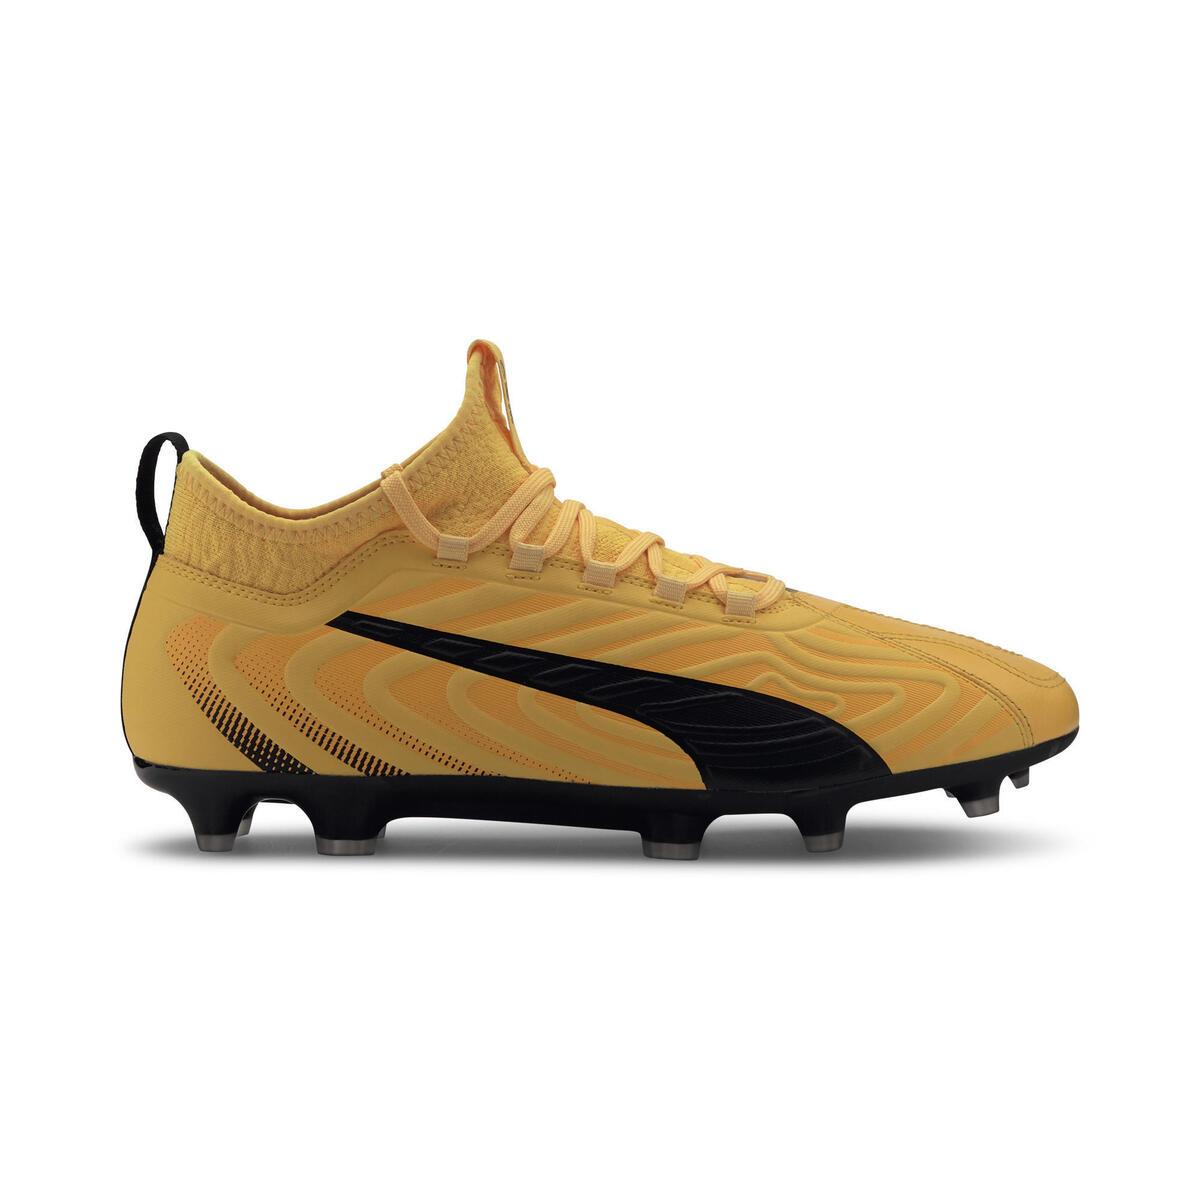 Bild 1 von Fußballschuhe Nocken One 20.3 FG Erwachsene gelb